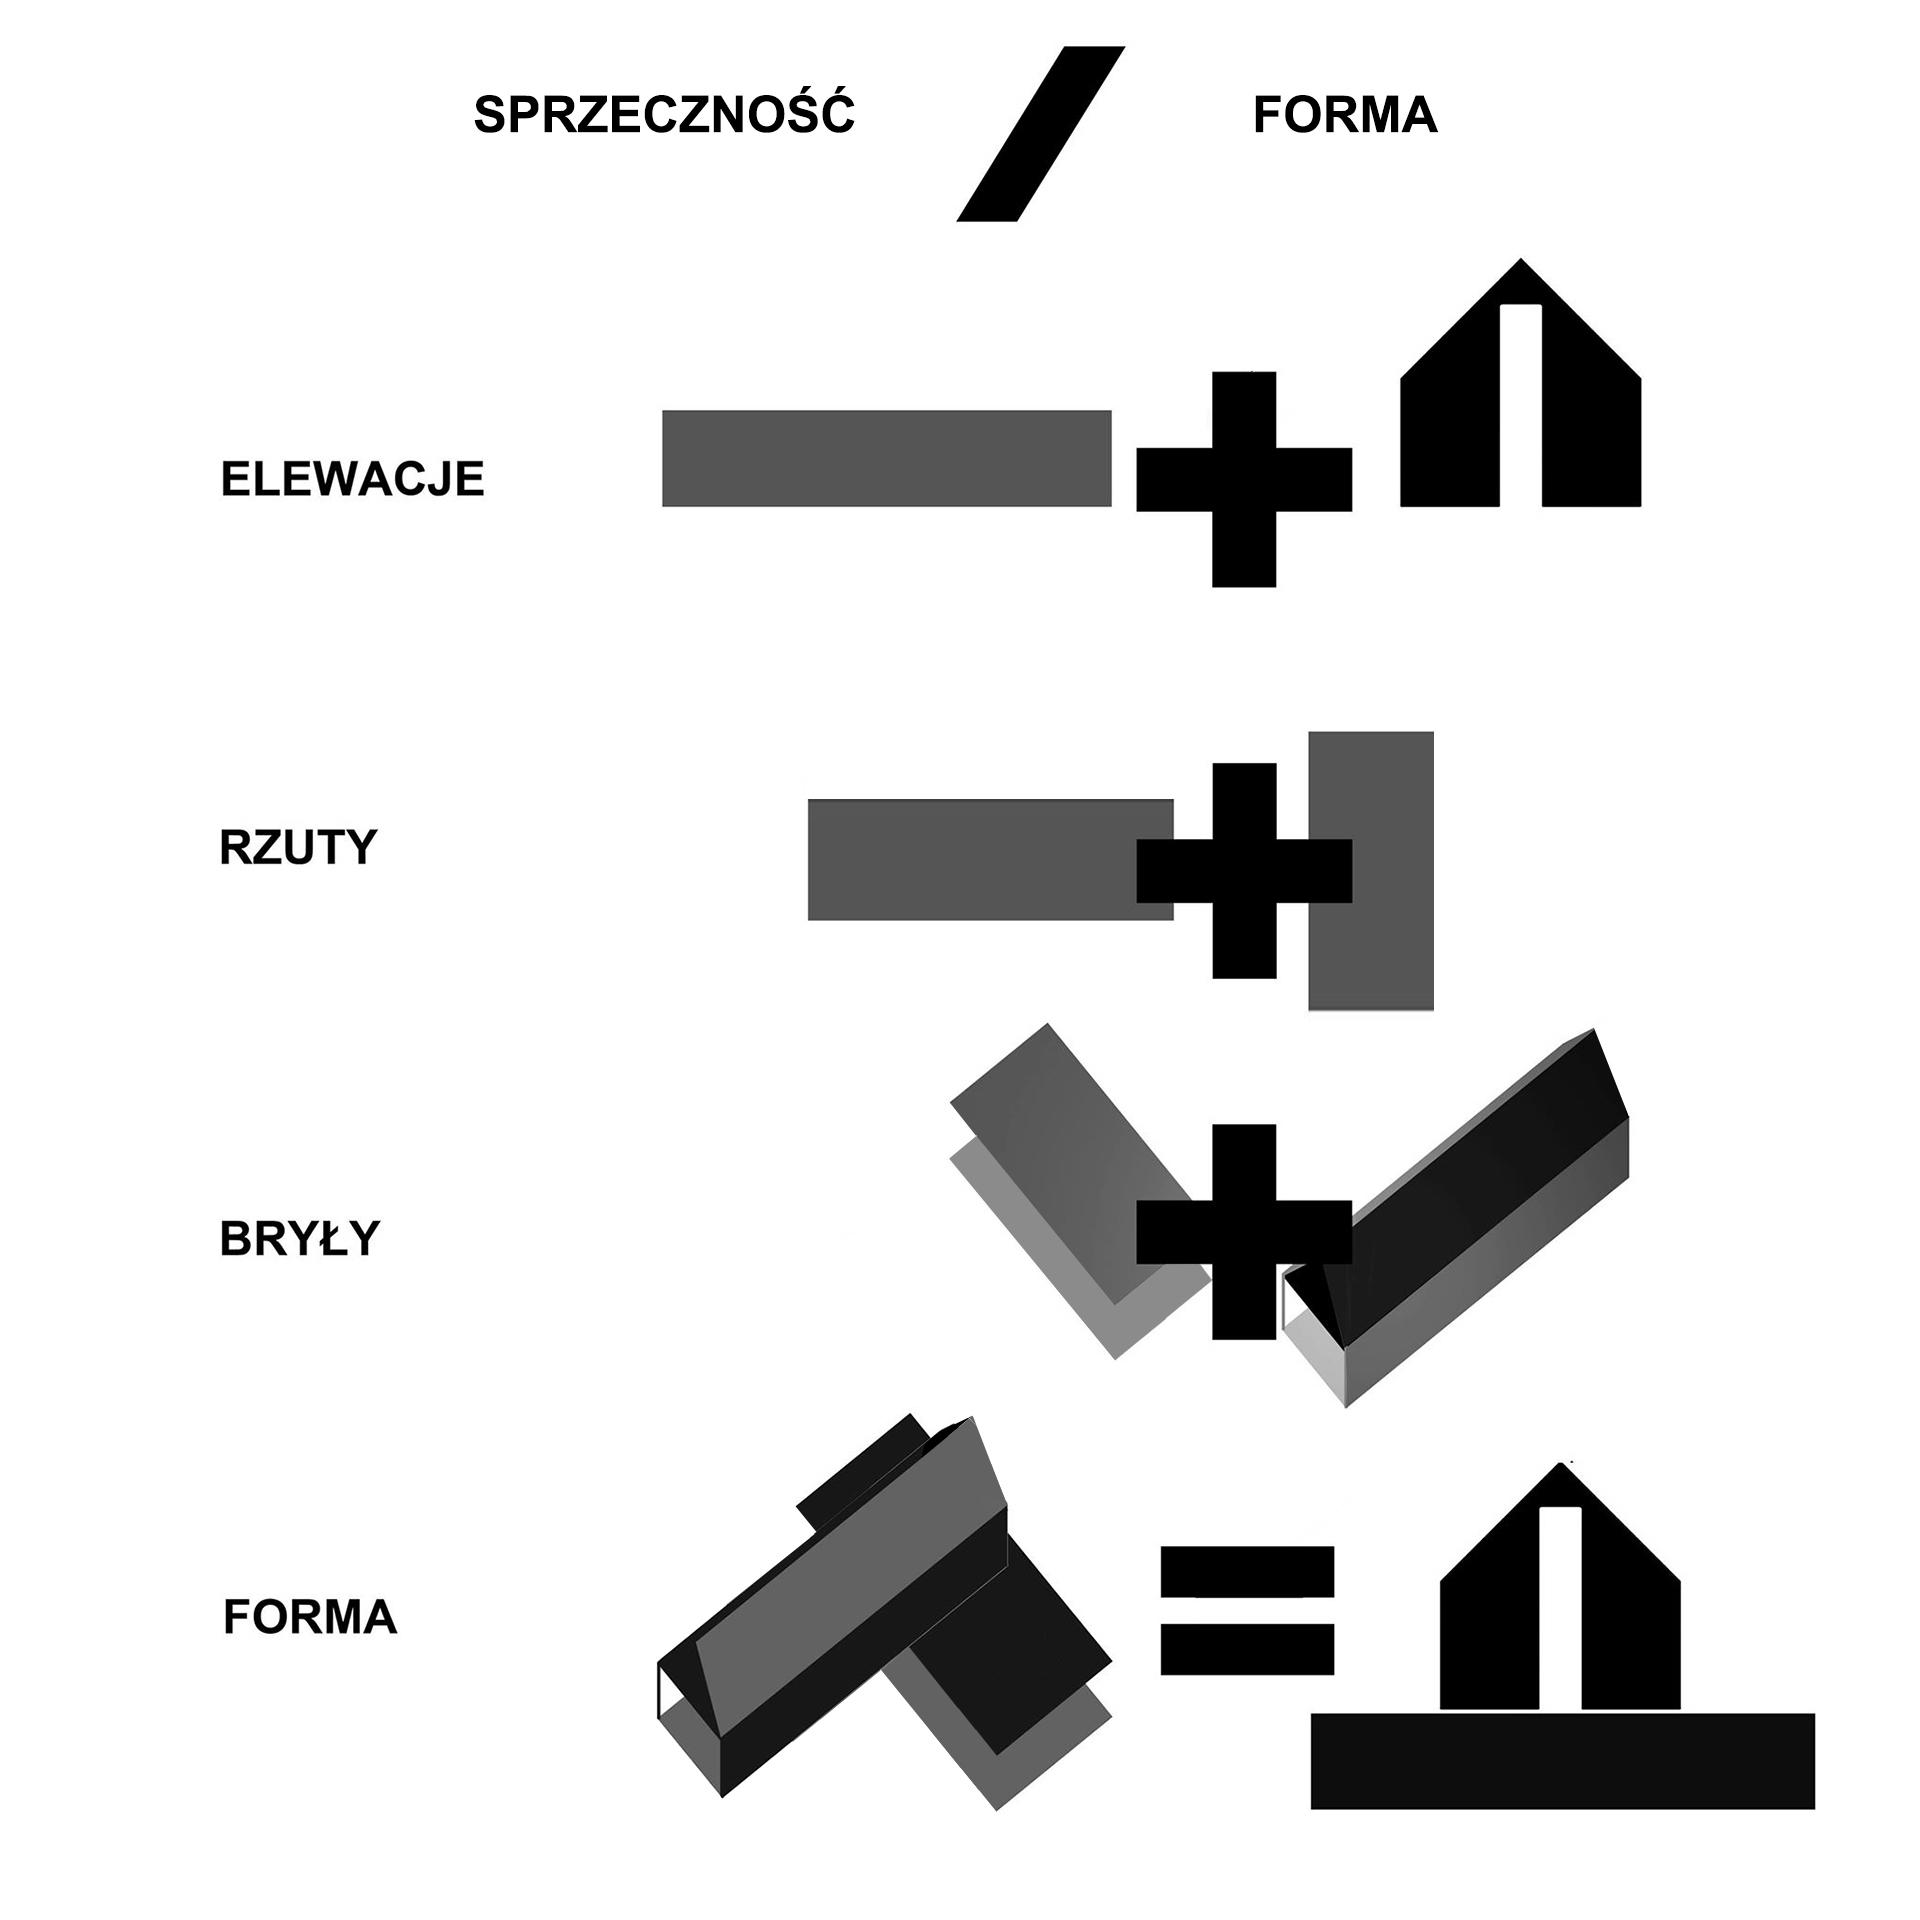 Latająca stodoła - sprzeczność/forma